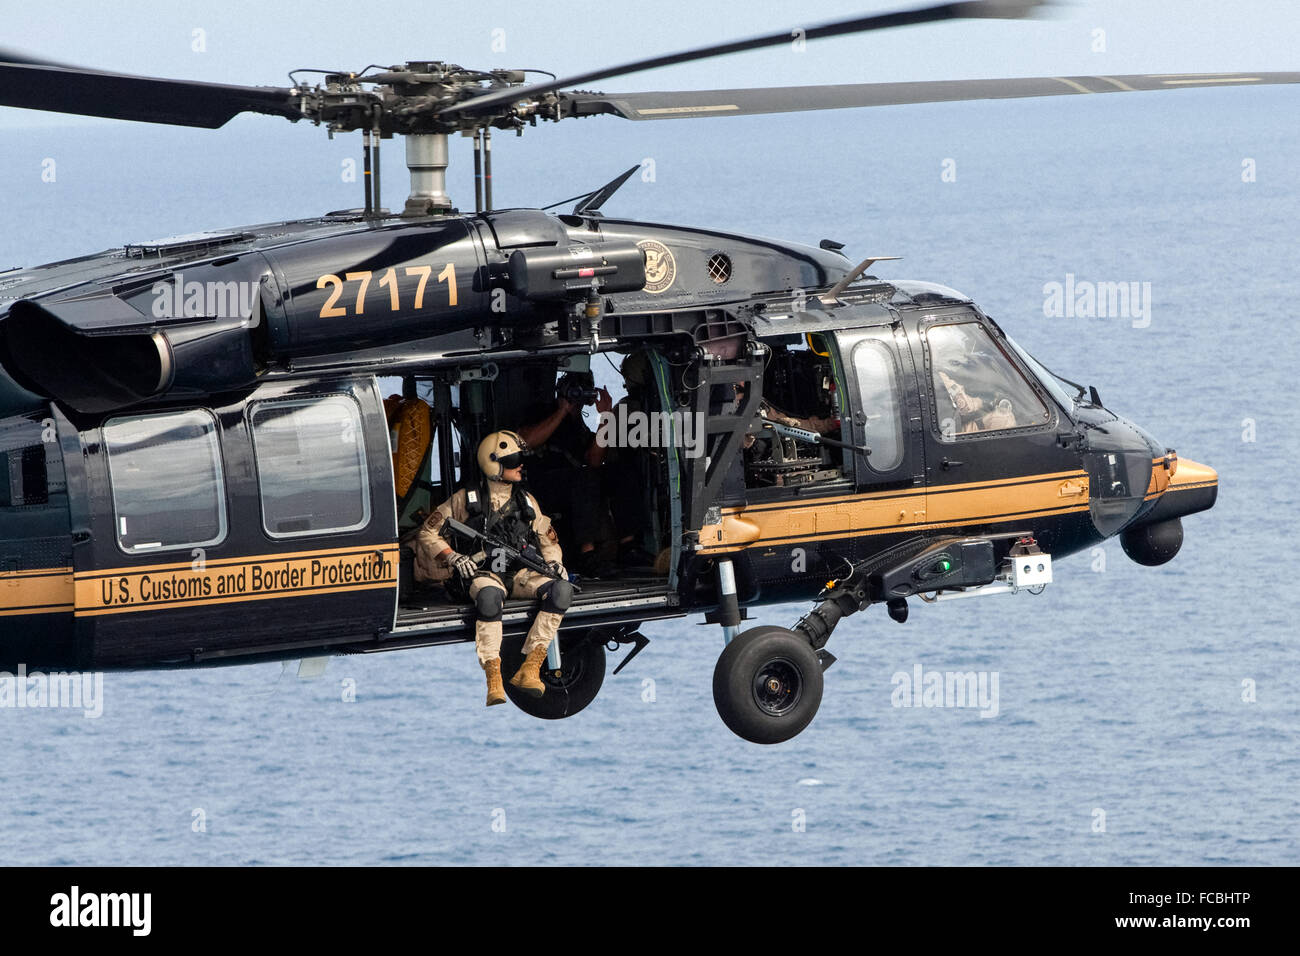 Los Servicios de Aduanas y Protección Fronteriza CBP Oficina de aire y unidad de la Marina el funcionamiento Imagen De Stock